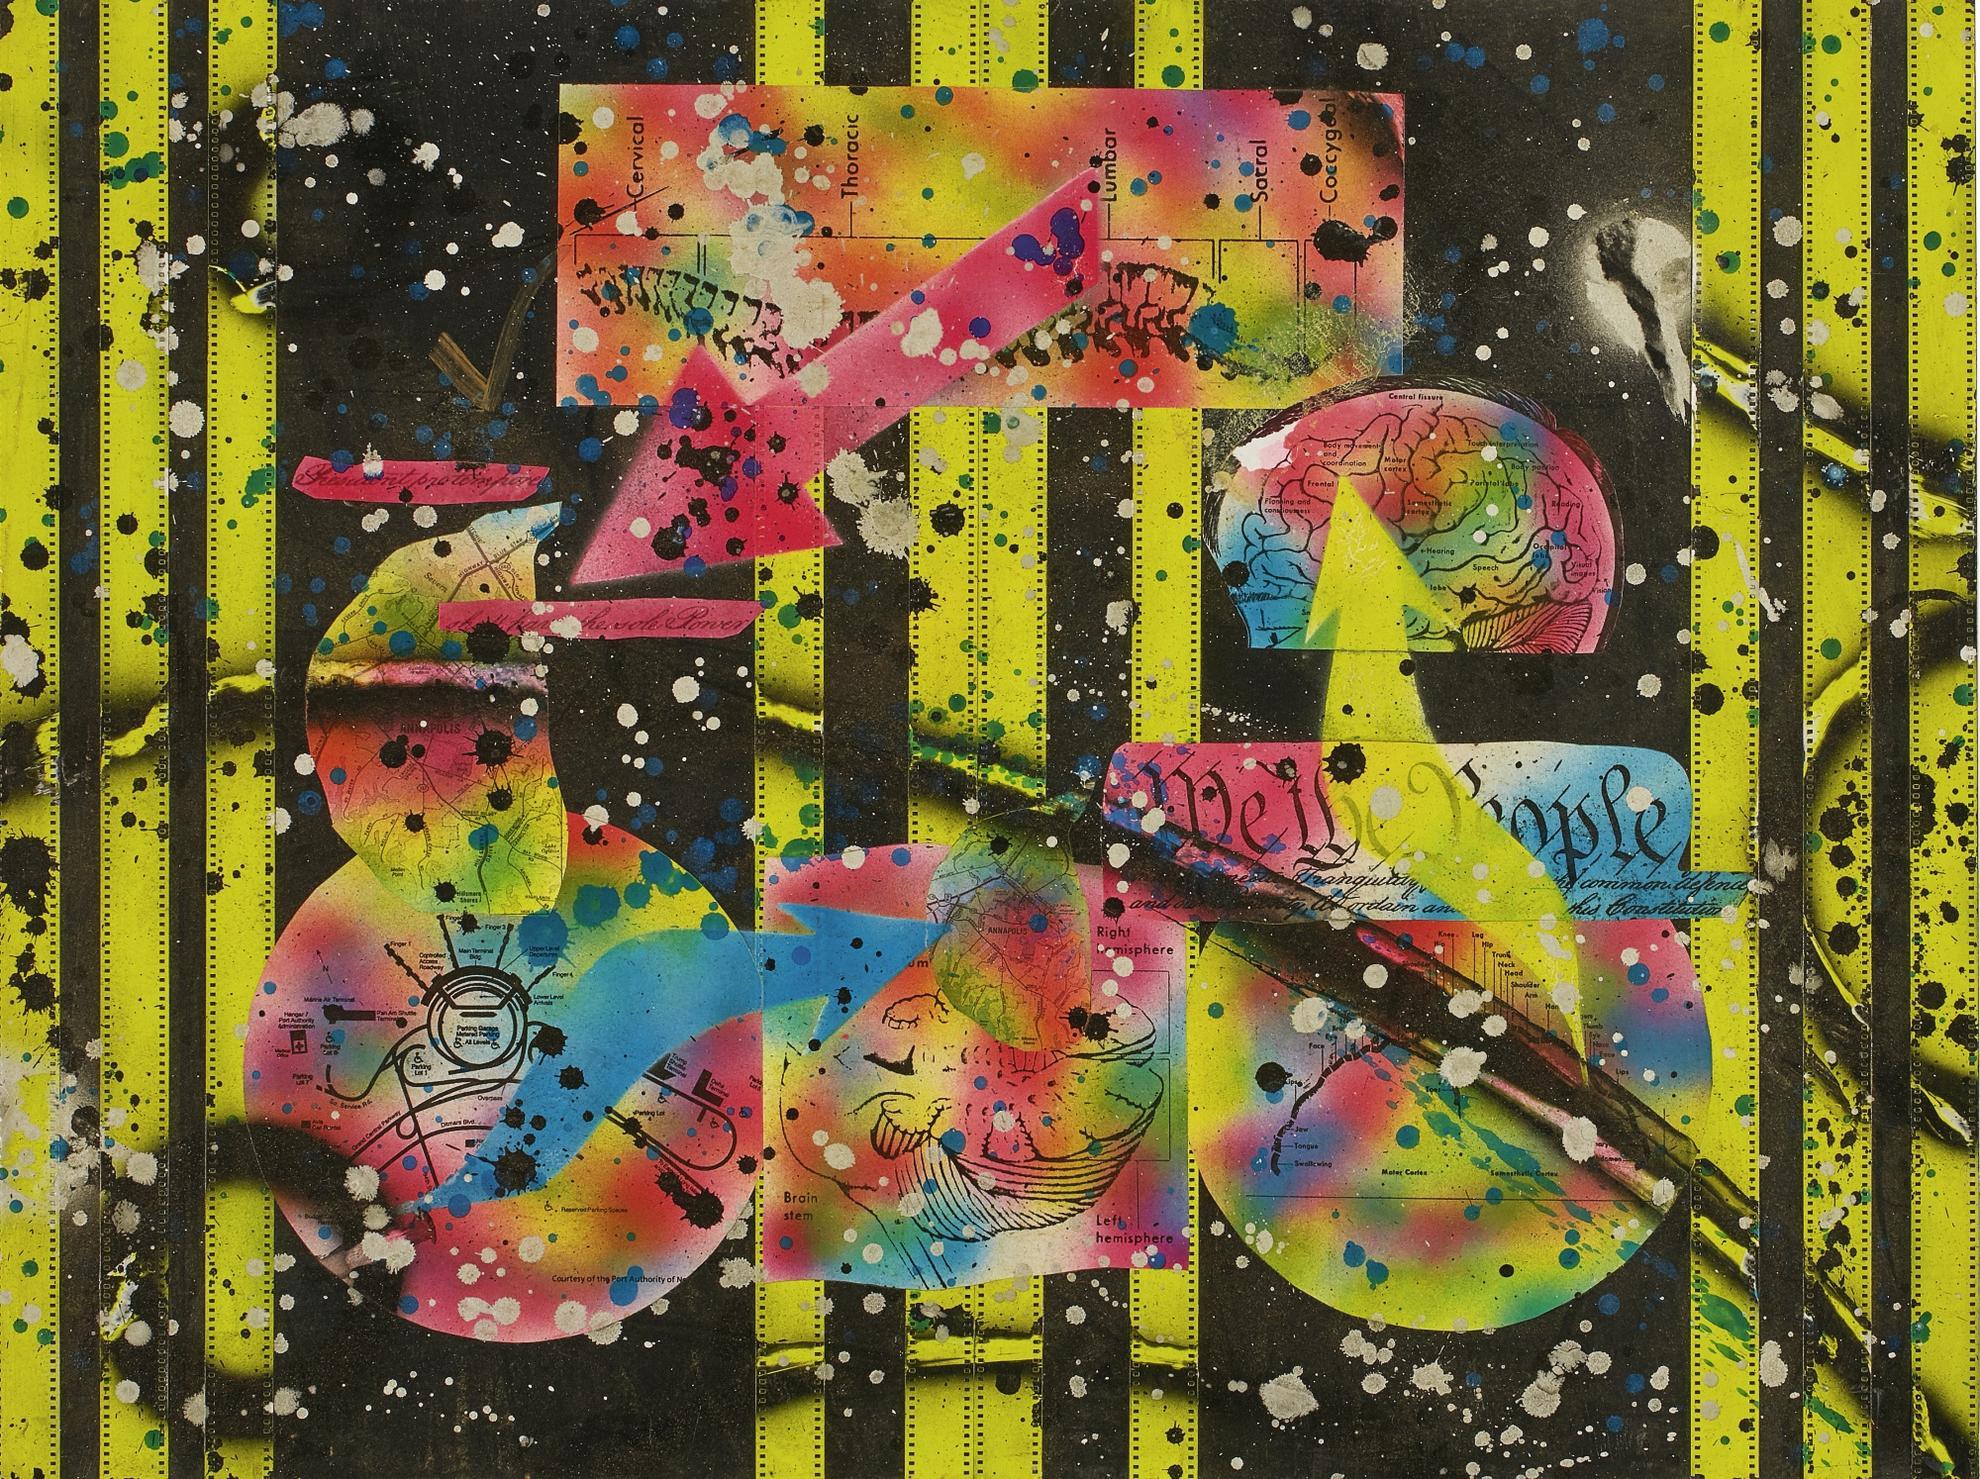 Rammellzee-Knotted Minds-1989